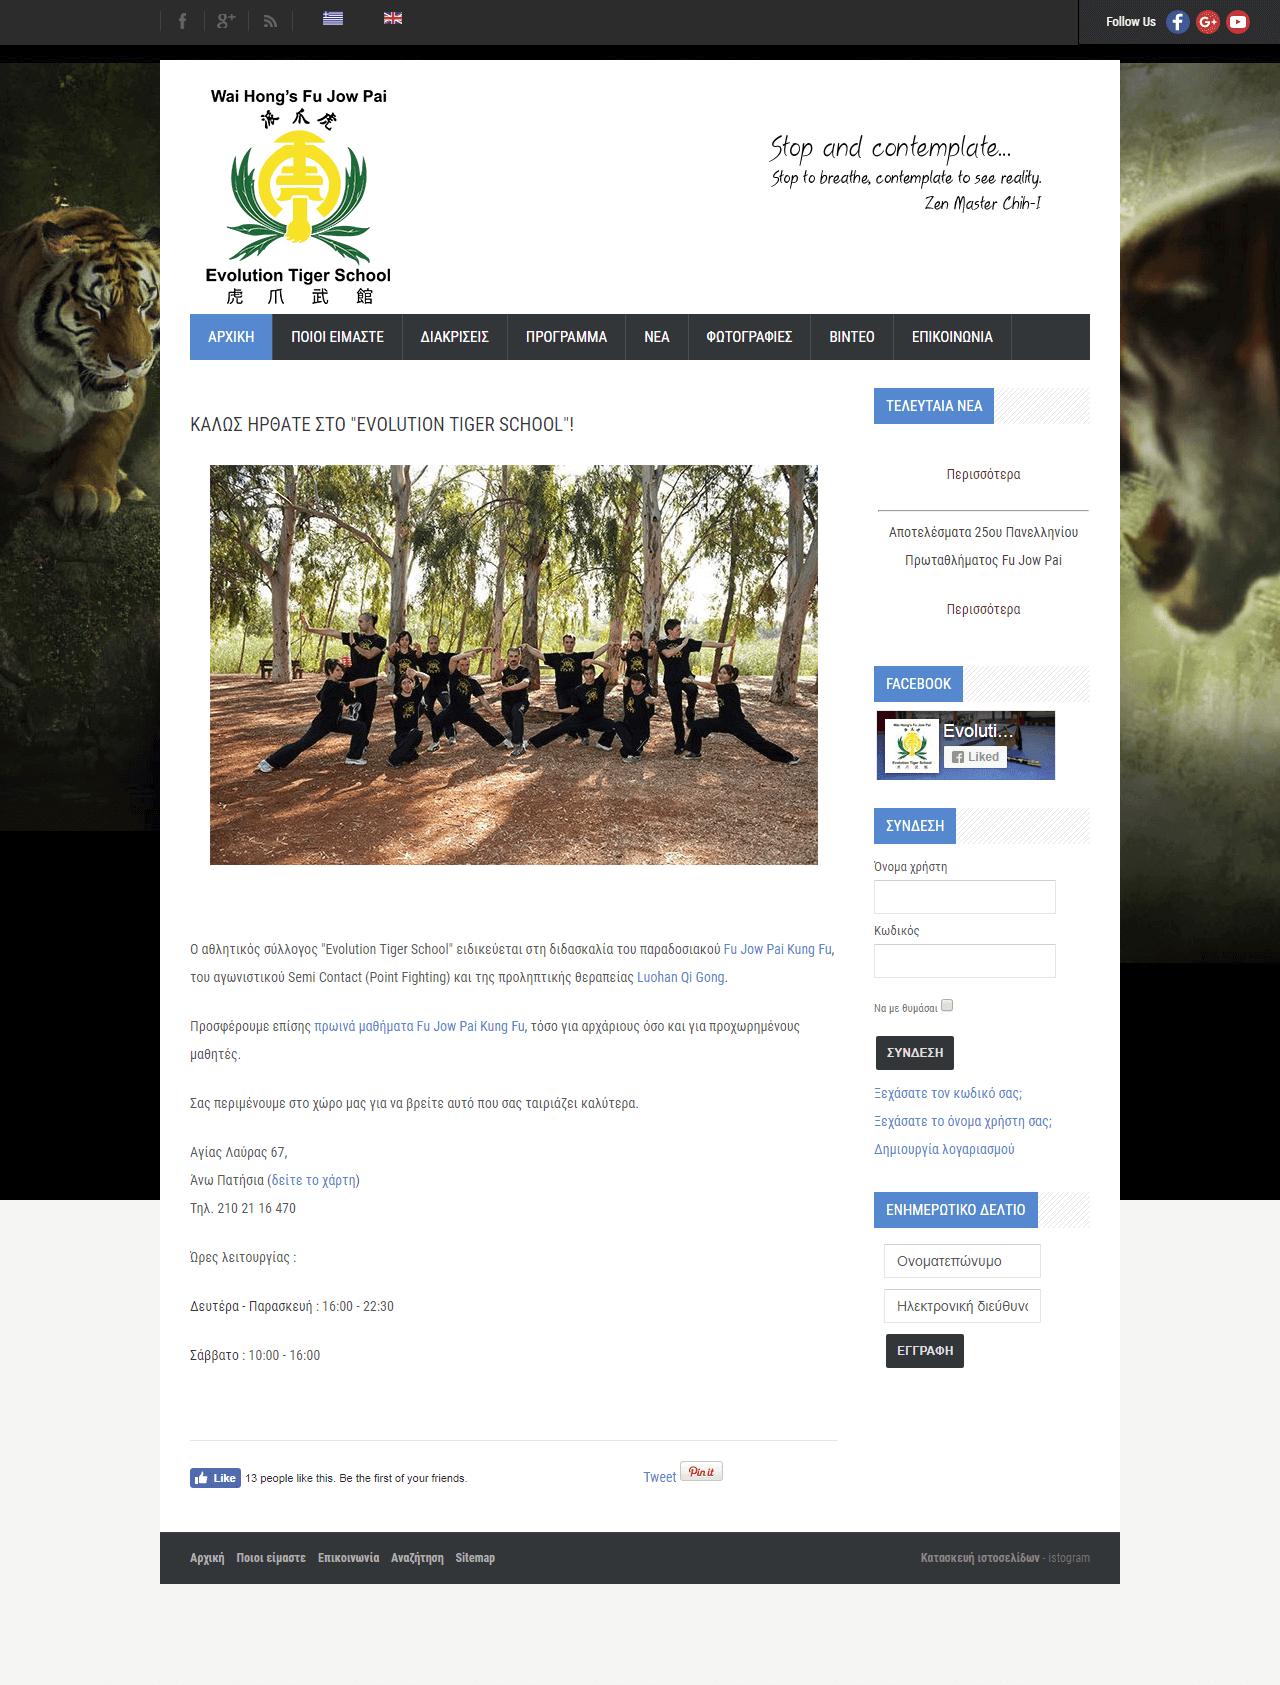 schoolofevolutiontiger_net_website